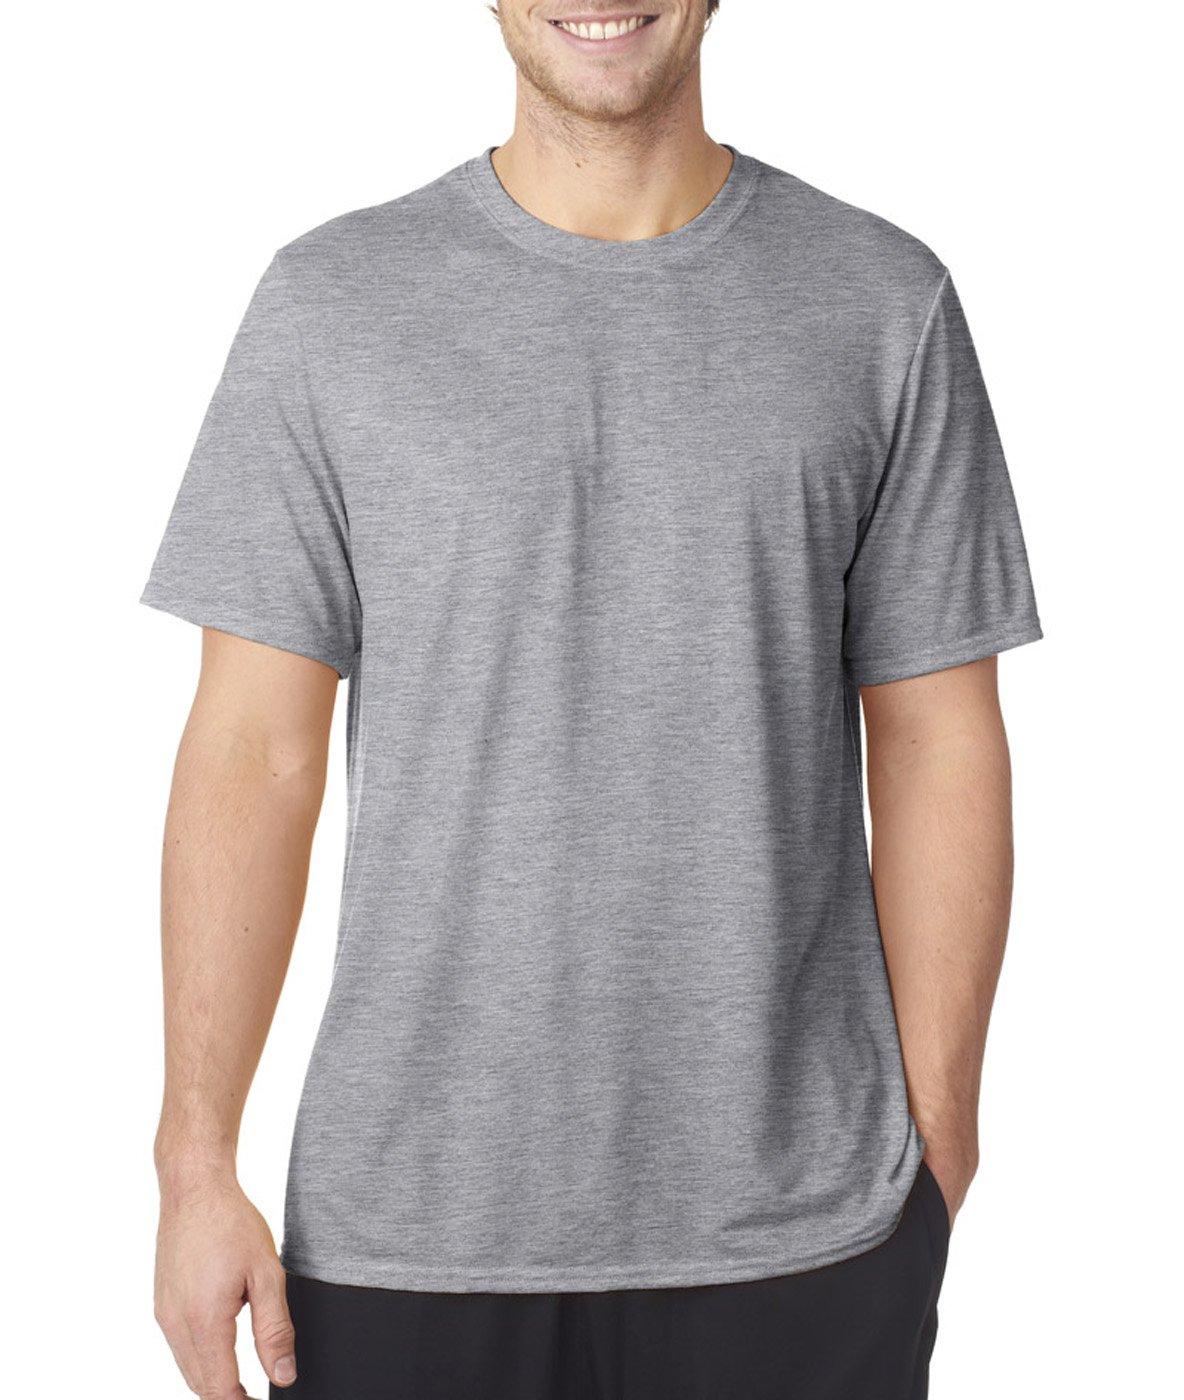 Gildan メンズTシャツ コアパフォーマンス B00QTT7HYS L スポーツグレー スポーツグレー L